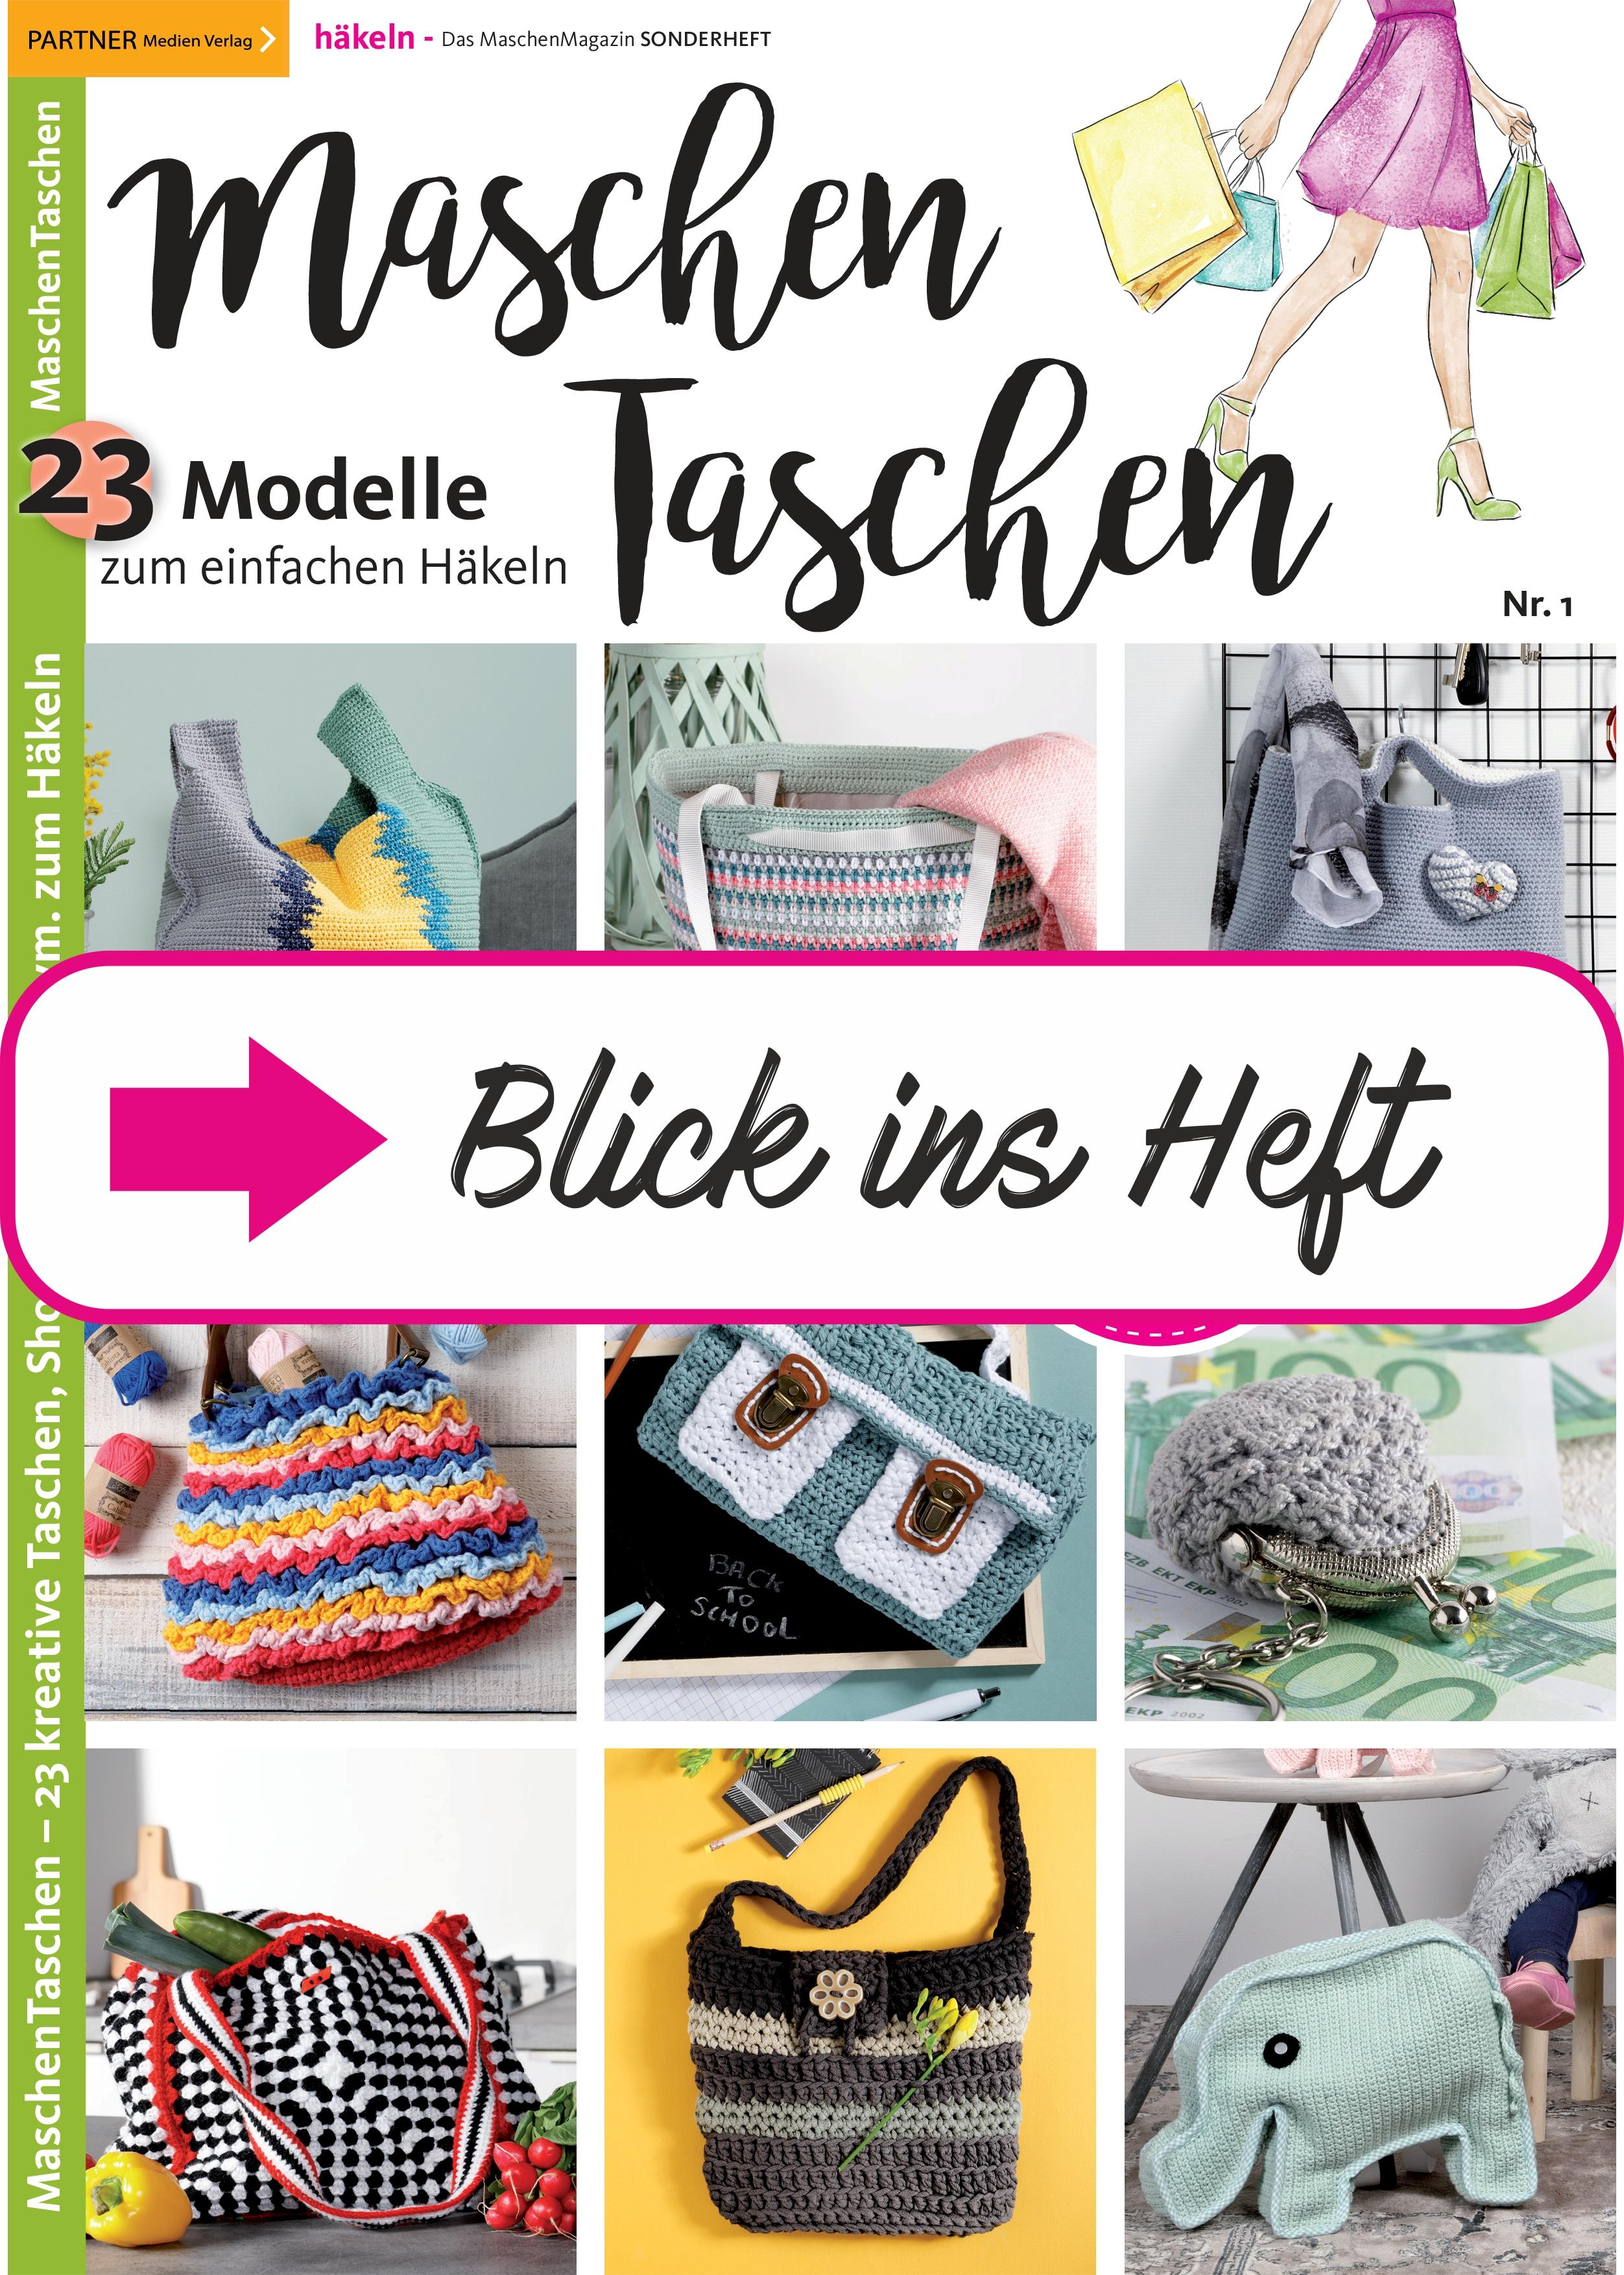 Partner Medien Verlag Maschentaschen